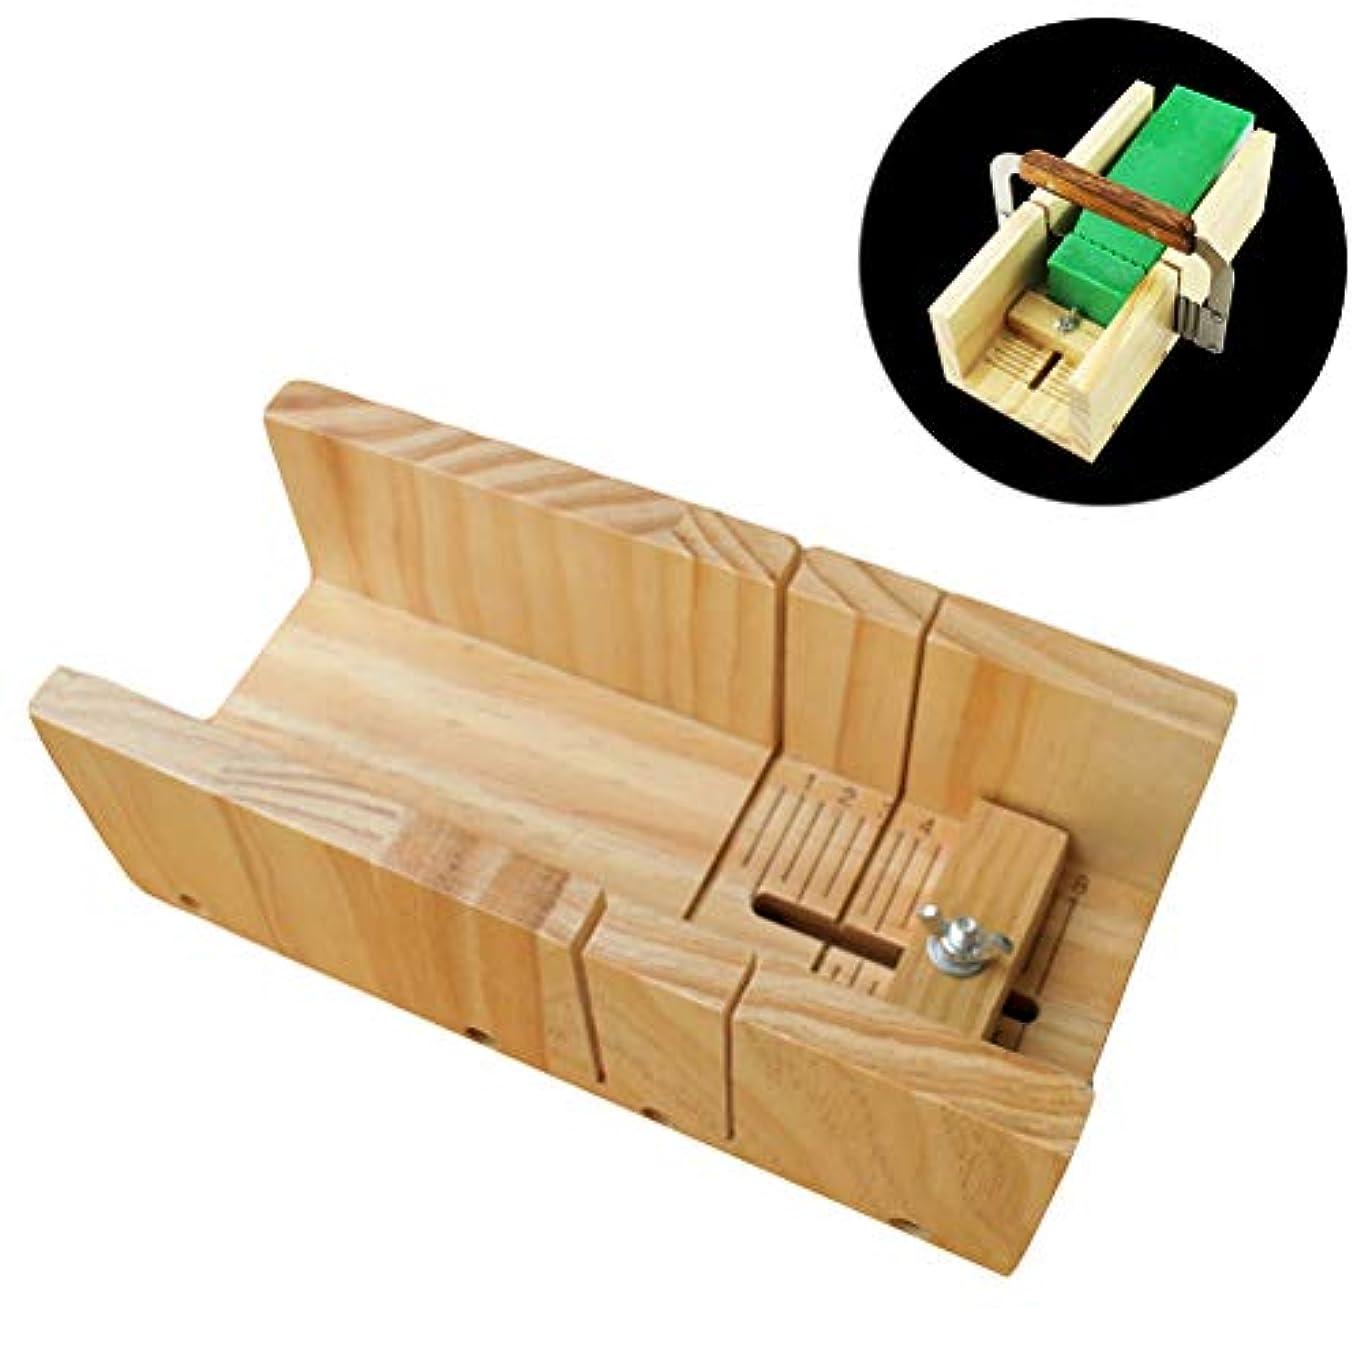 ハード共感する情報Healifty 木製石鹸カッターモールド石鹸ロープモールド調節可能なカッターモールドボックス石鹸ツールを作る